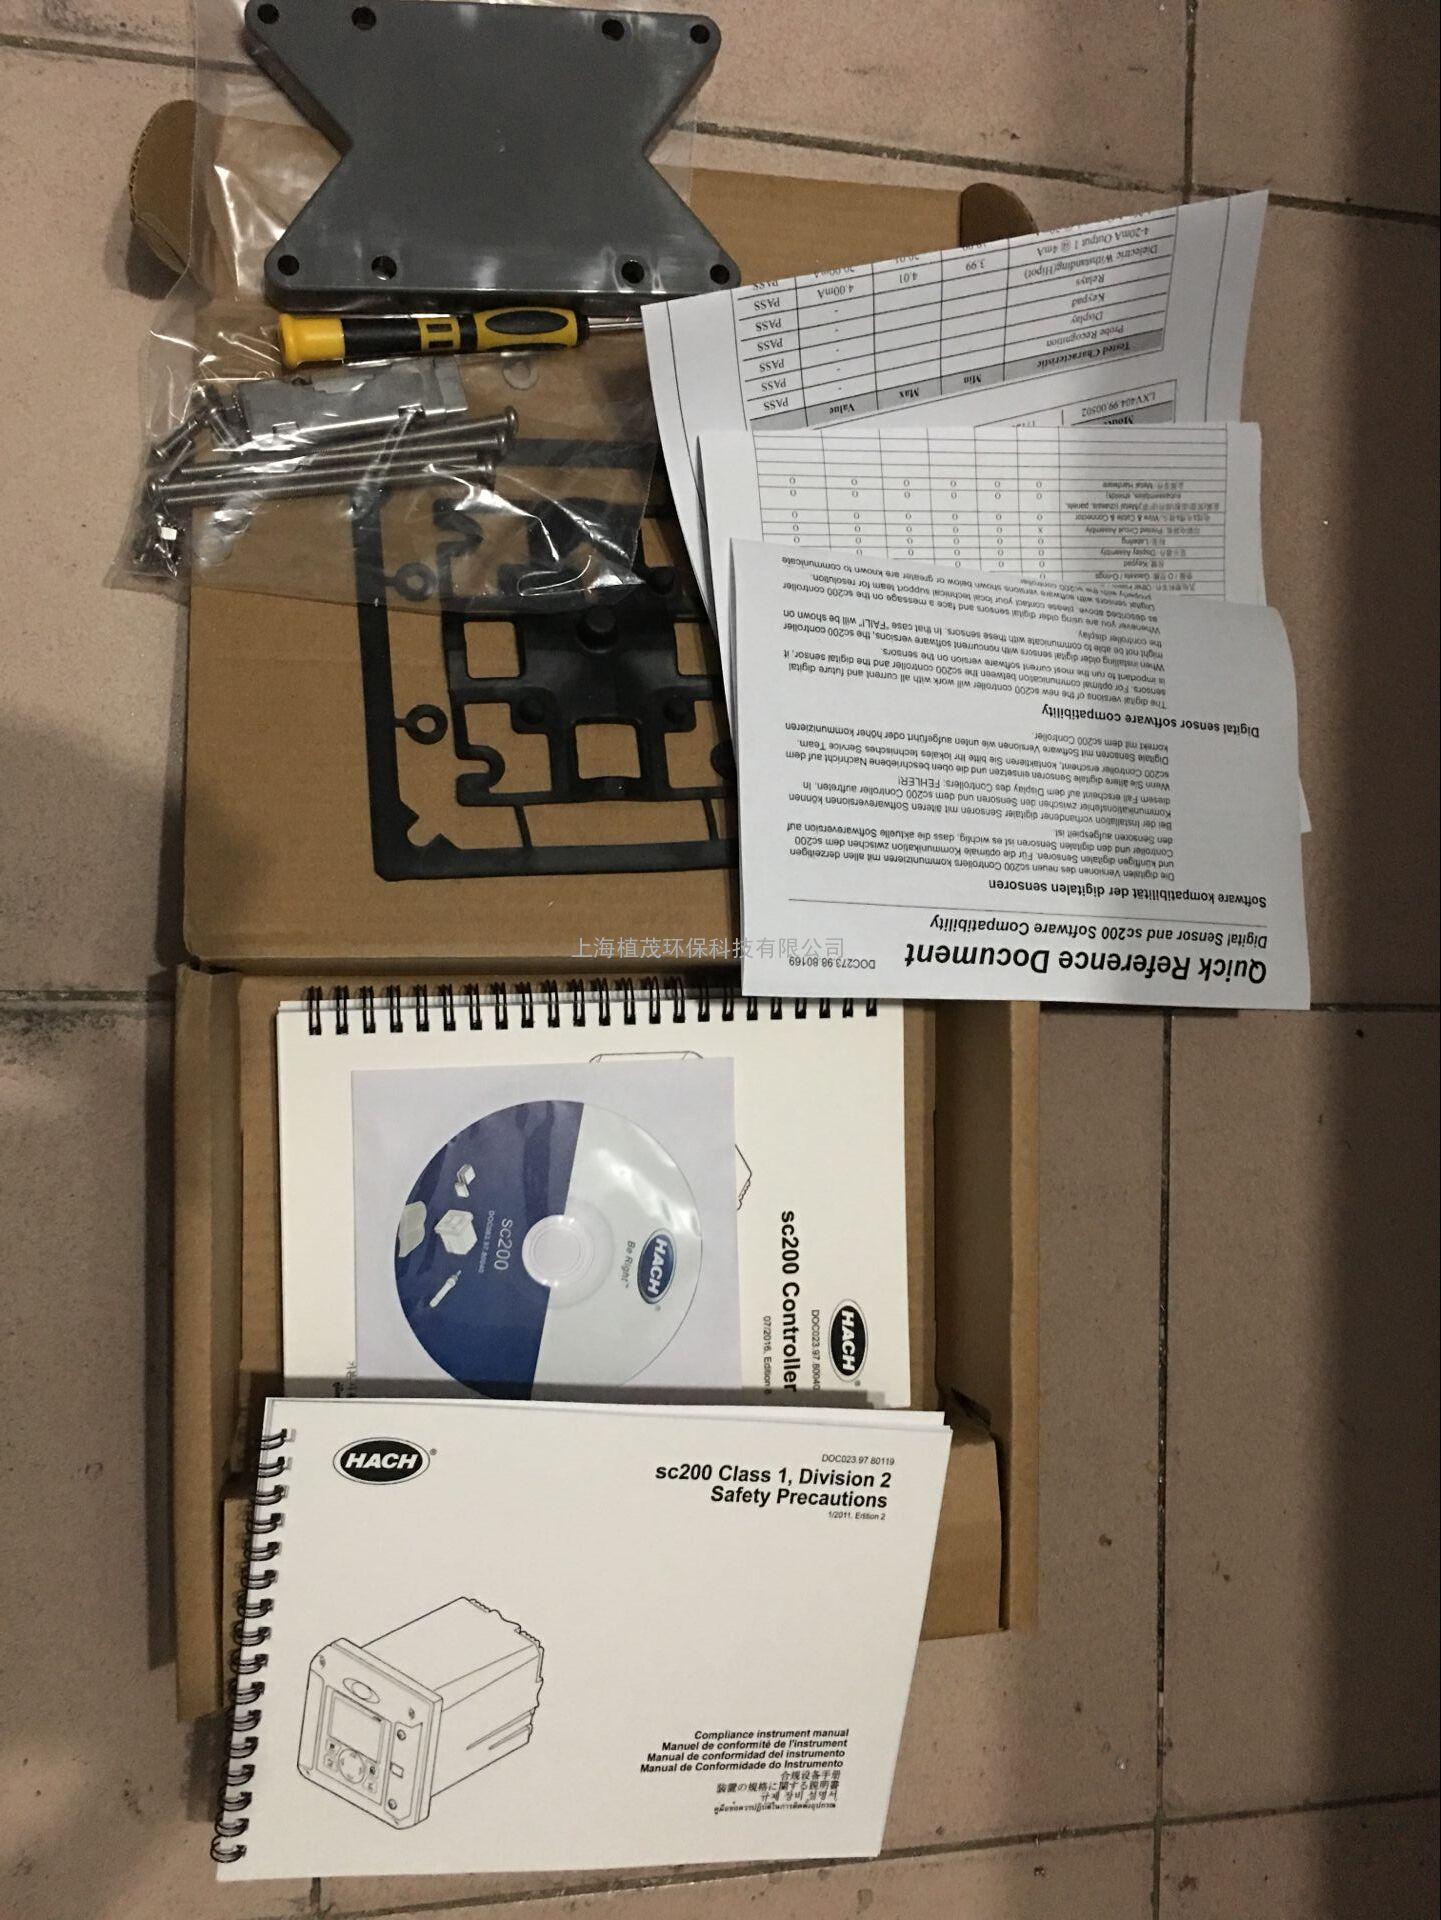 美国哈希数字型sc200控制器用于ldo 902000电极探头